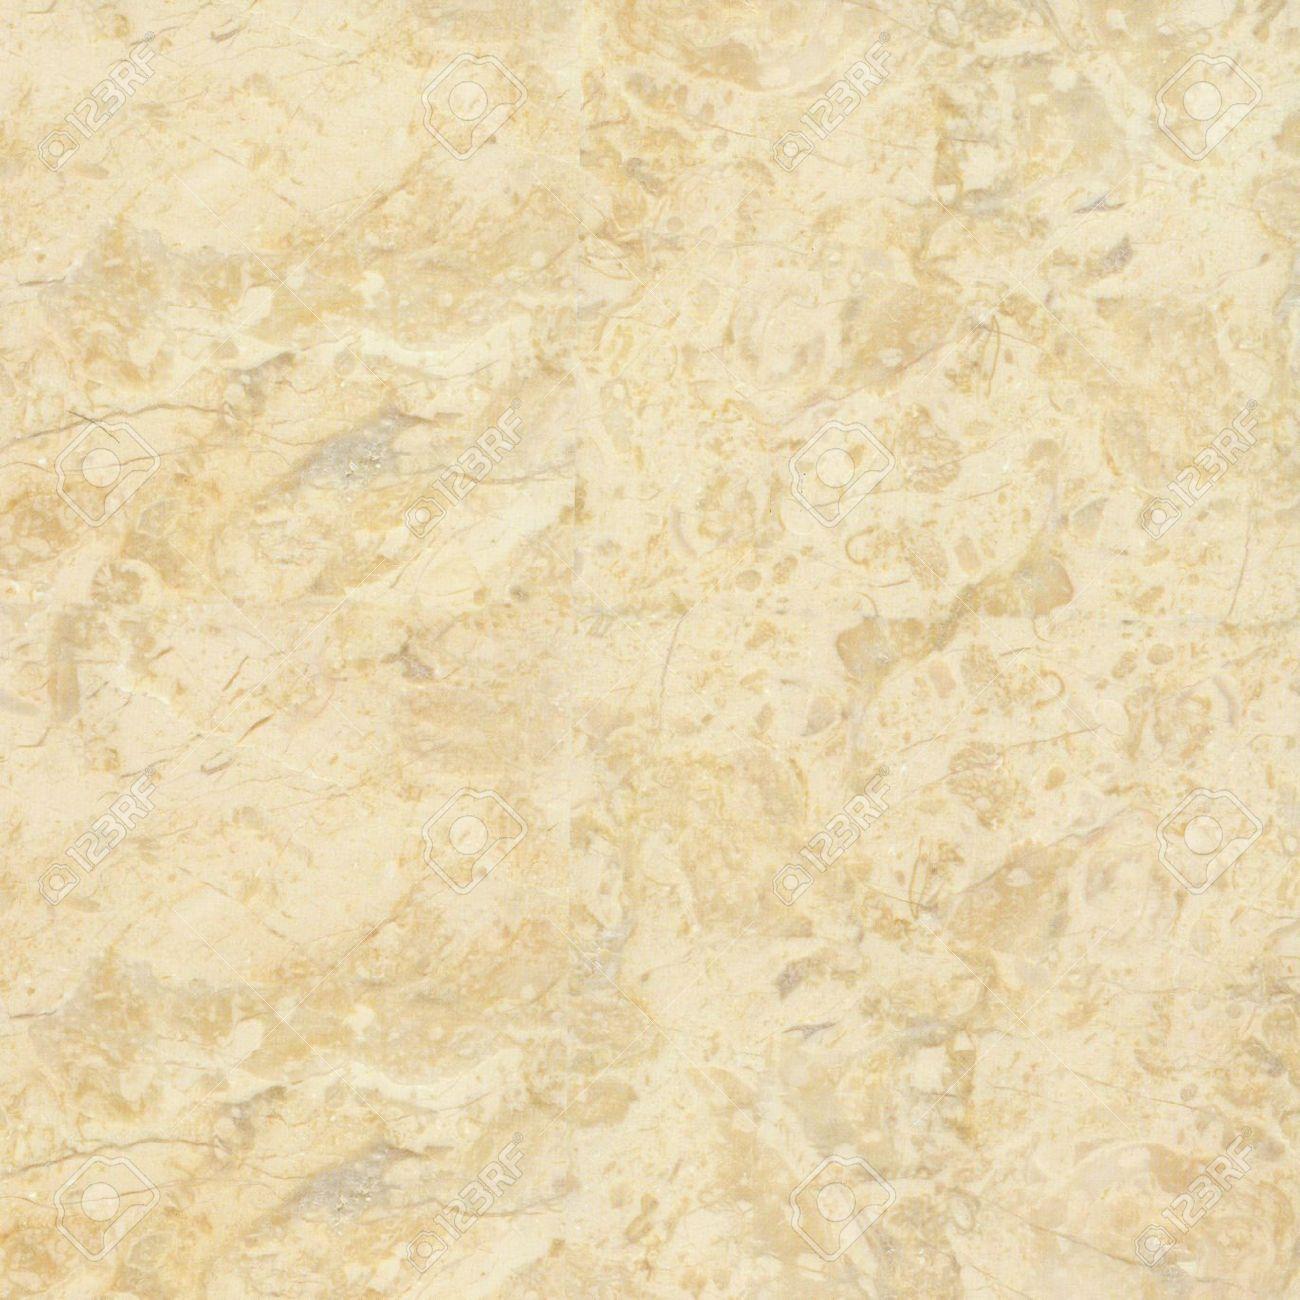 Best Wallpaper High Resolution Marble - b3a9a9585fd5d4fe5bbf4ee60638525e  Photograph_801089.jpg